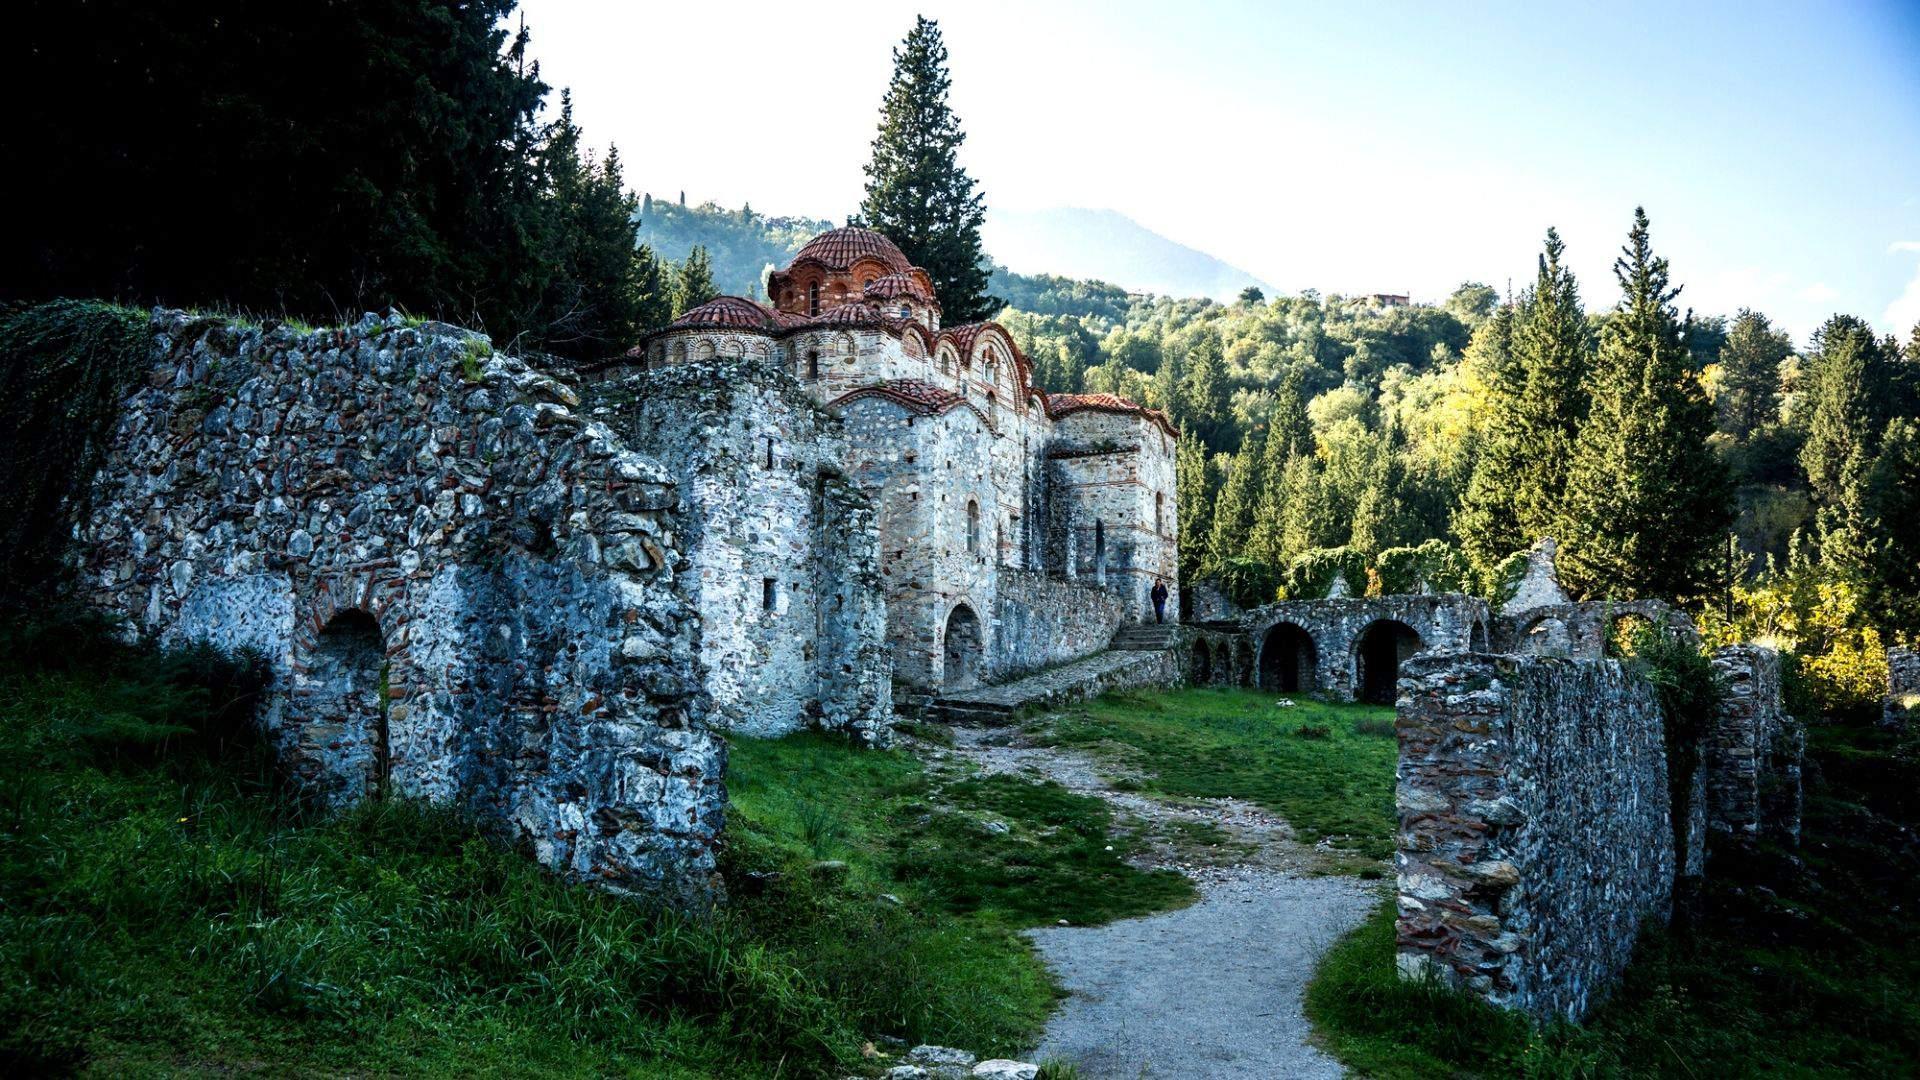 Būtinai pasivaikščiokite Mistrų vienuolyno griuvėsiuose